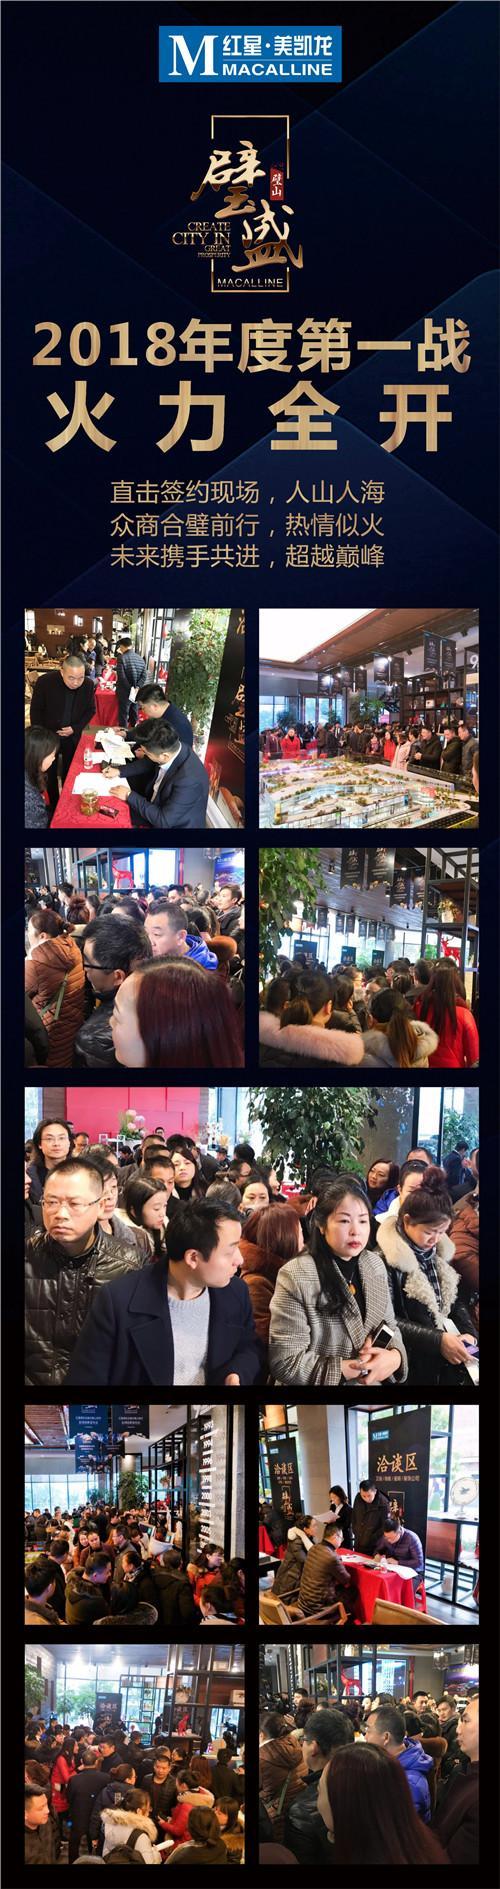 红星美凯龙重庆璧山商场 全球招商发布会圆满举行